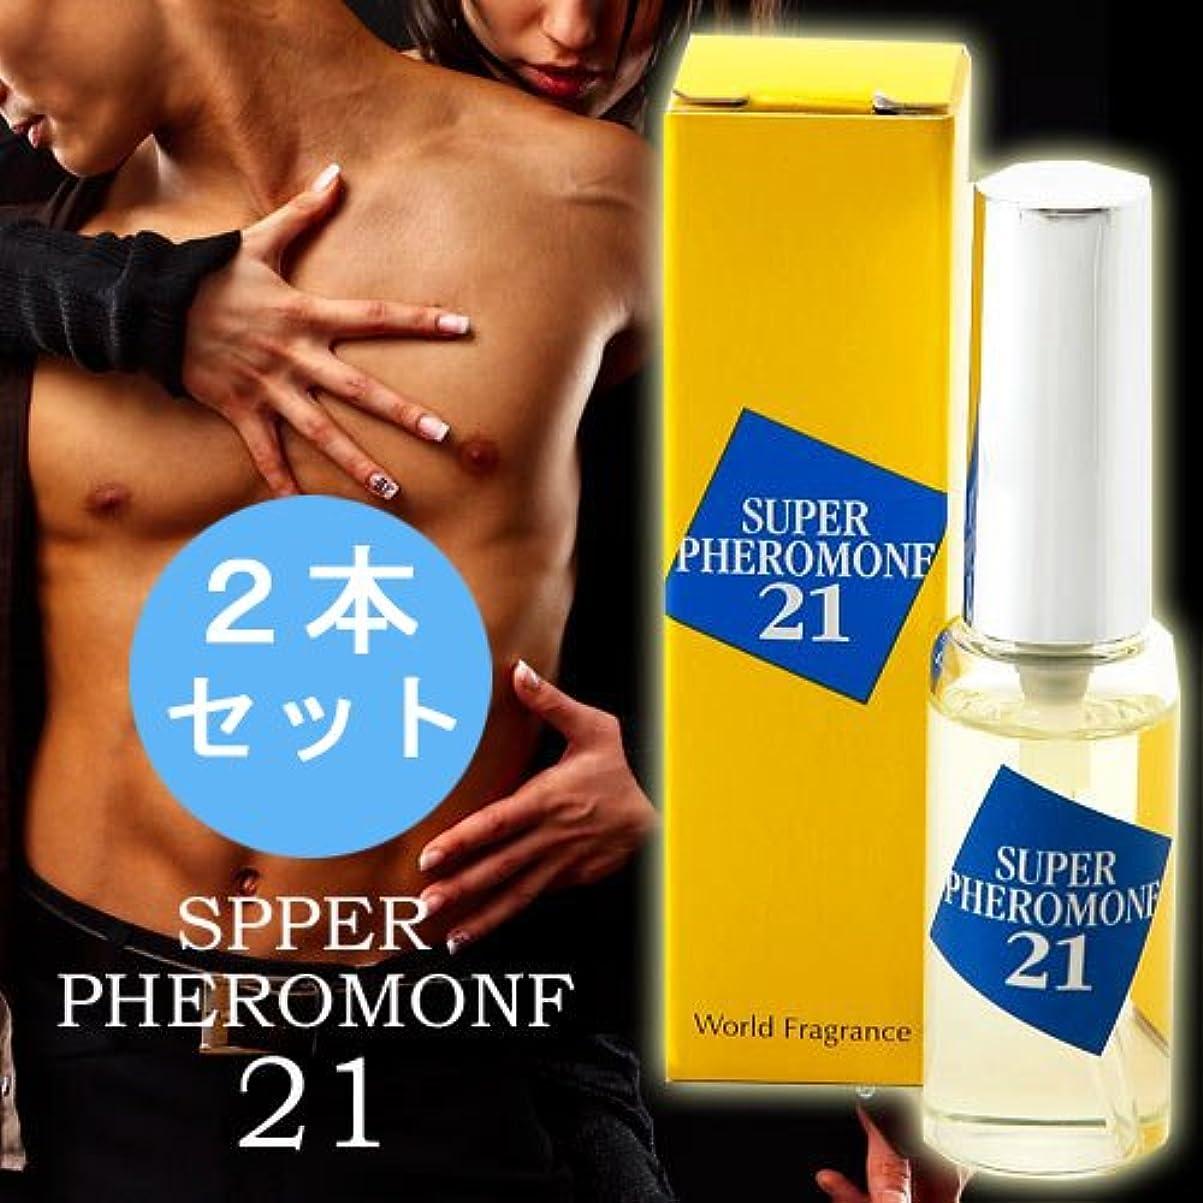 サスペンションうれしい化学者【フェロモン香水】 メンズ用 スーパーフェロモン21 (2本セット)